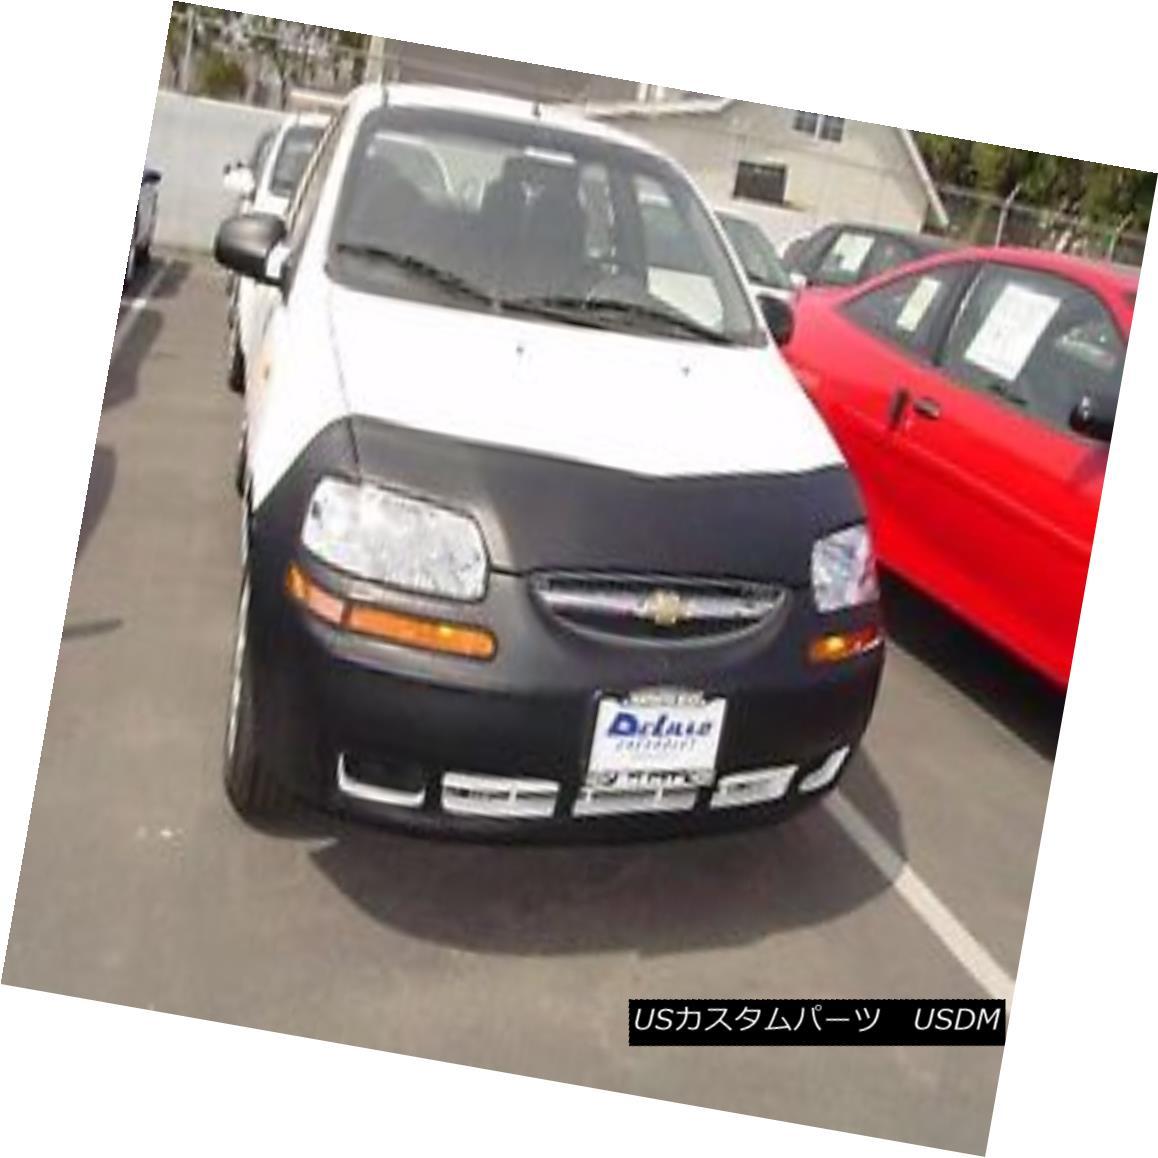 フルブラ ノーズブラ Colgan Front End Mask Bra 2pc. Fits Chevy Aveo W/Lic.plate 2004 2005 2006  コルガンフロントエンドマスクブラ2pc フィットChevy Aveo W / Lic.plate 2004 2005 2006